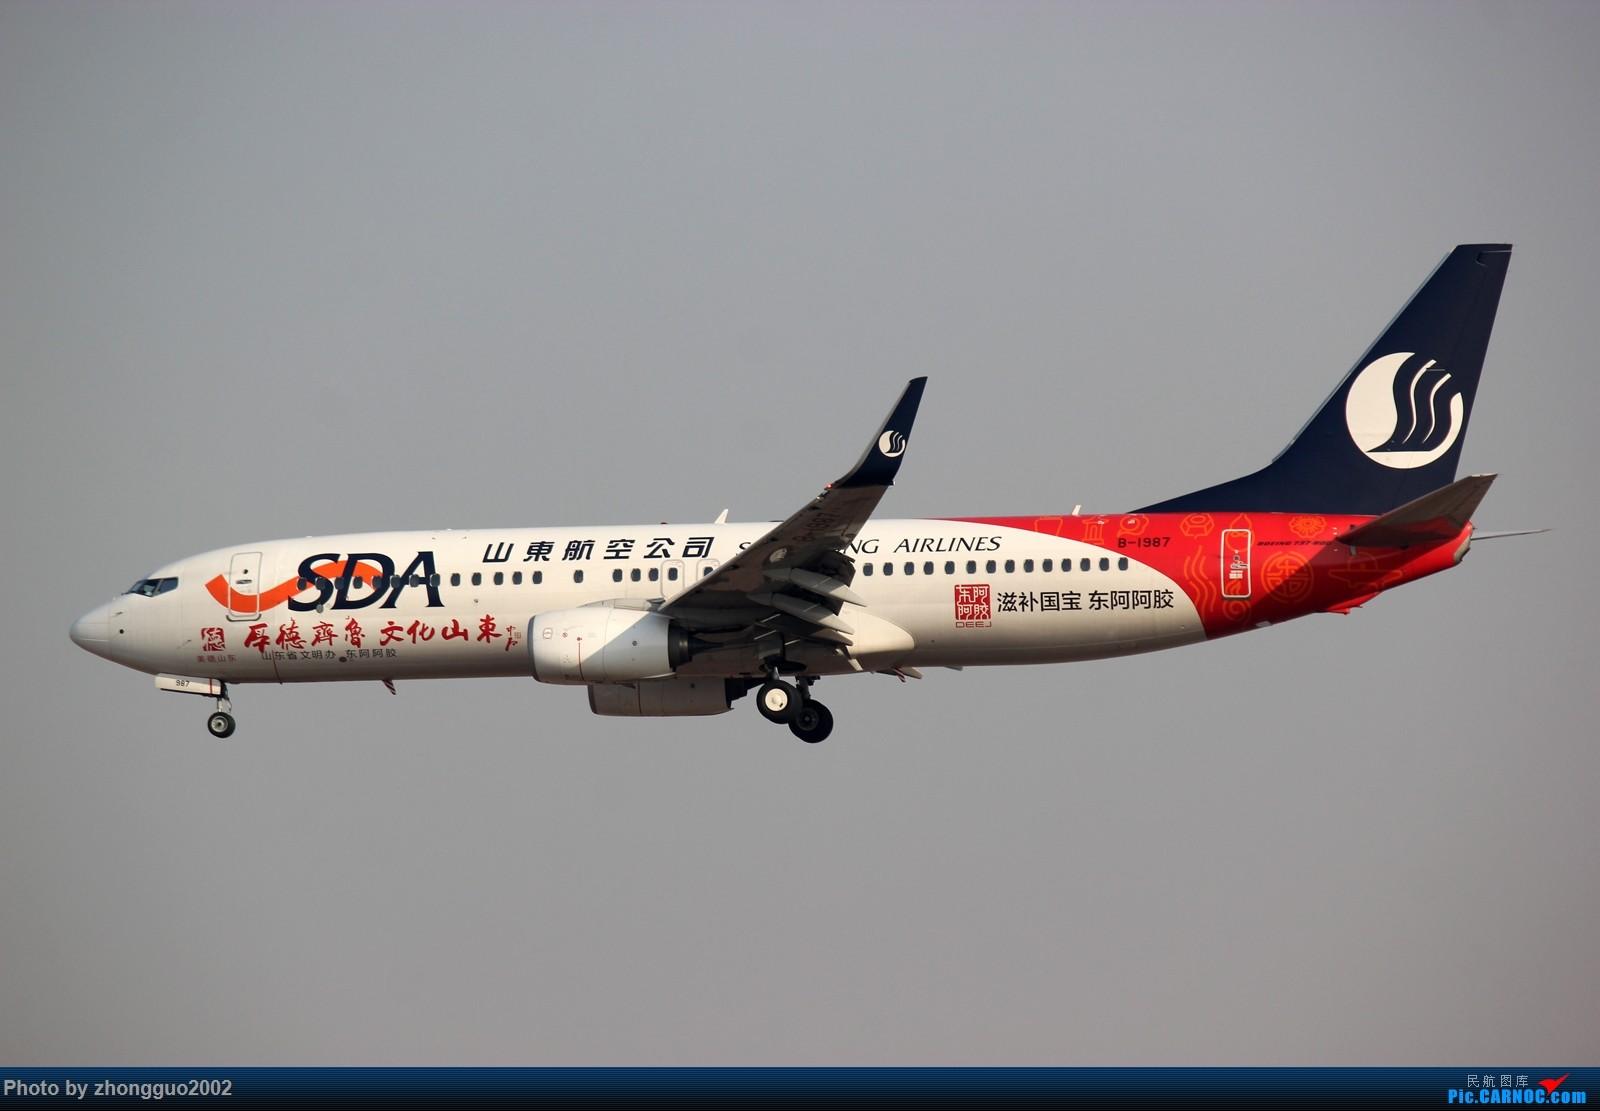 Re:[原创]【BLDDQ--深圳打机队】发小飞机盖楼贴,凡跟帖1字开头大陆民航飞机图的,每图五架小飞机不重复 BOEING 737-800 B-1987 中国北京首都国际机场